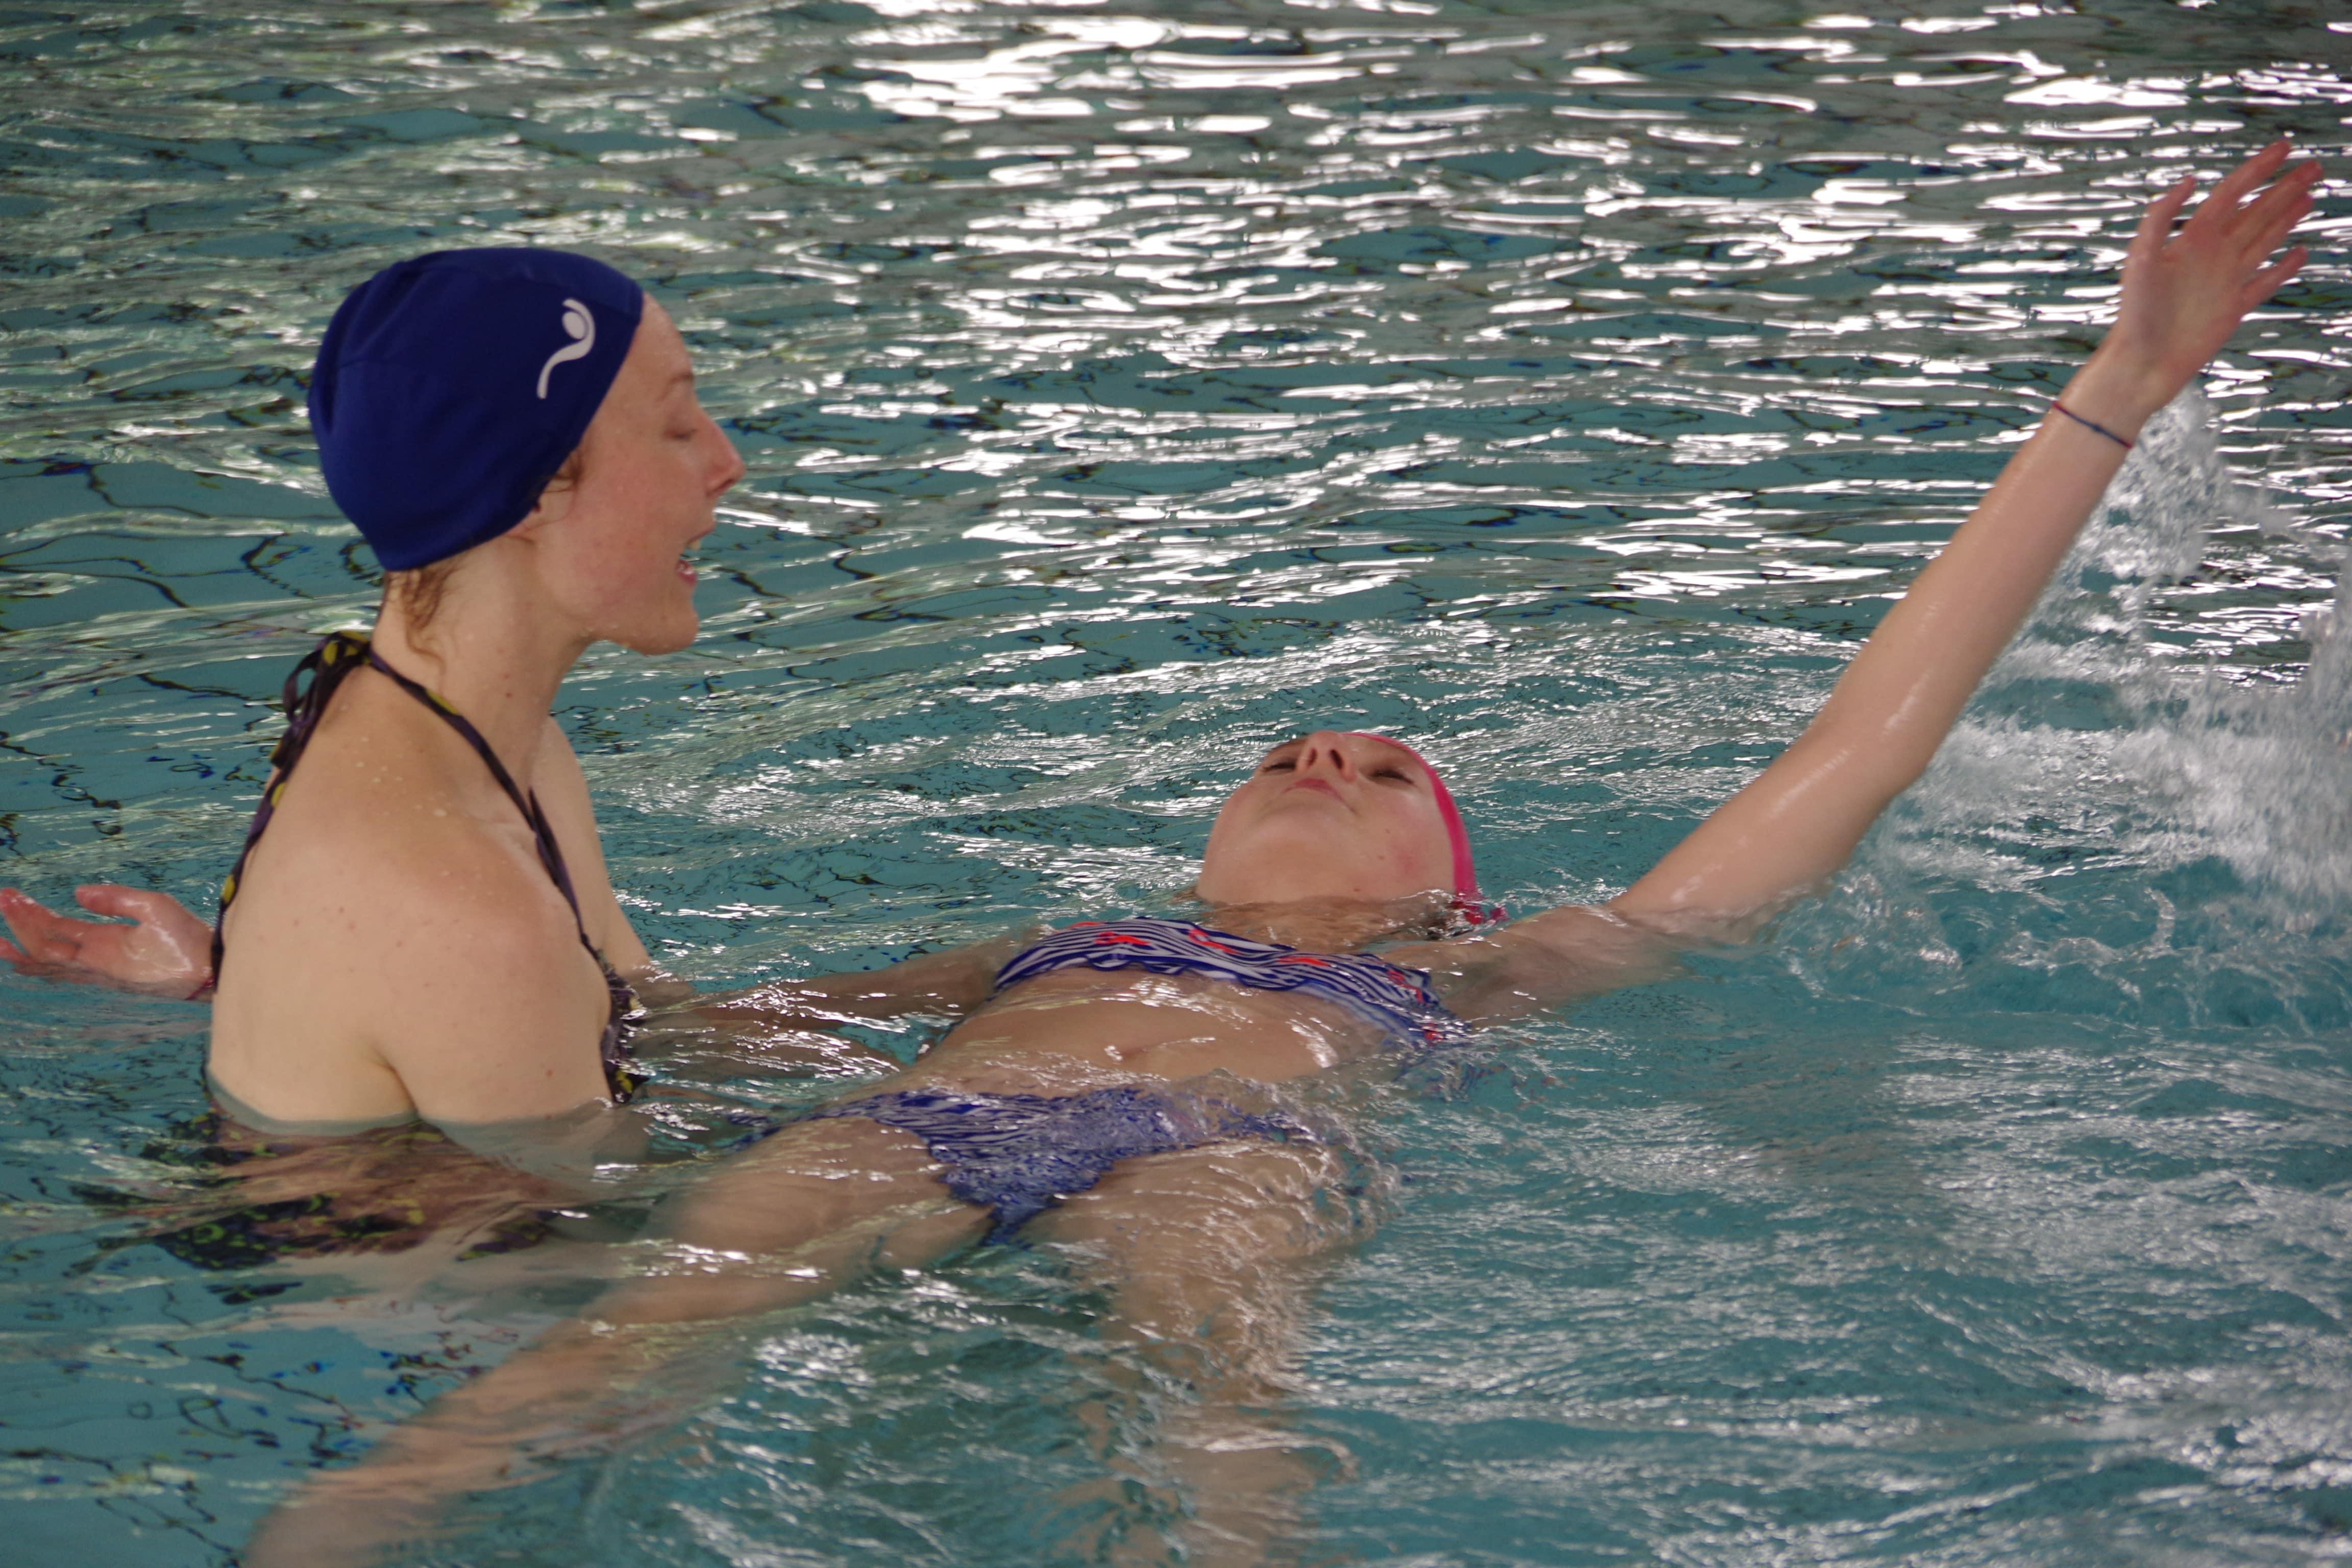 bénévole en train d'aider une enfant à nager